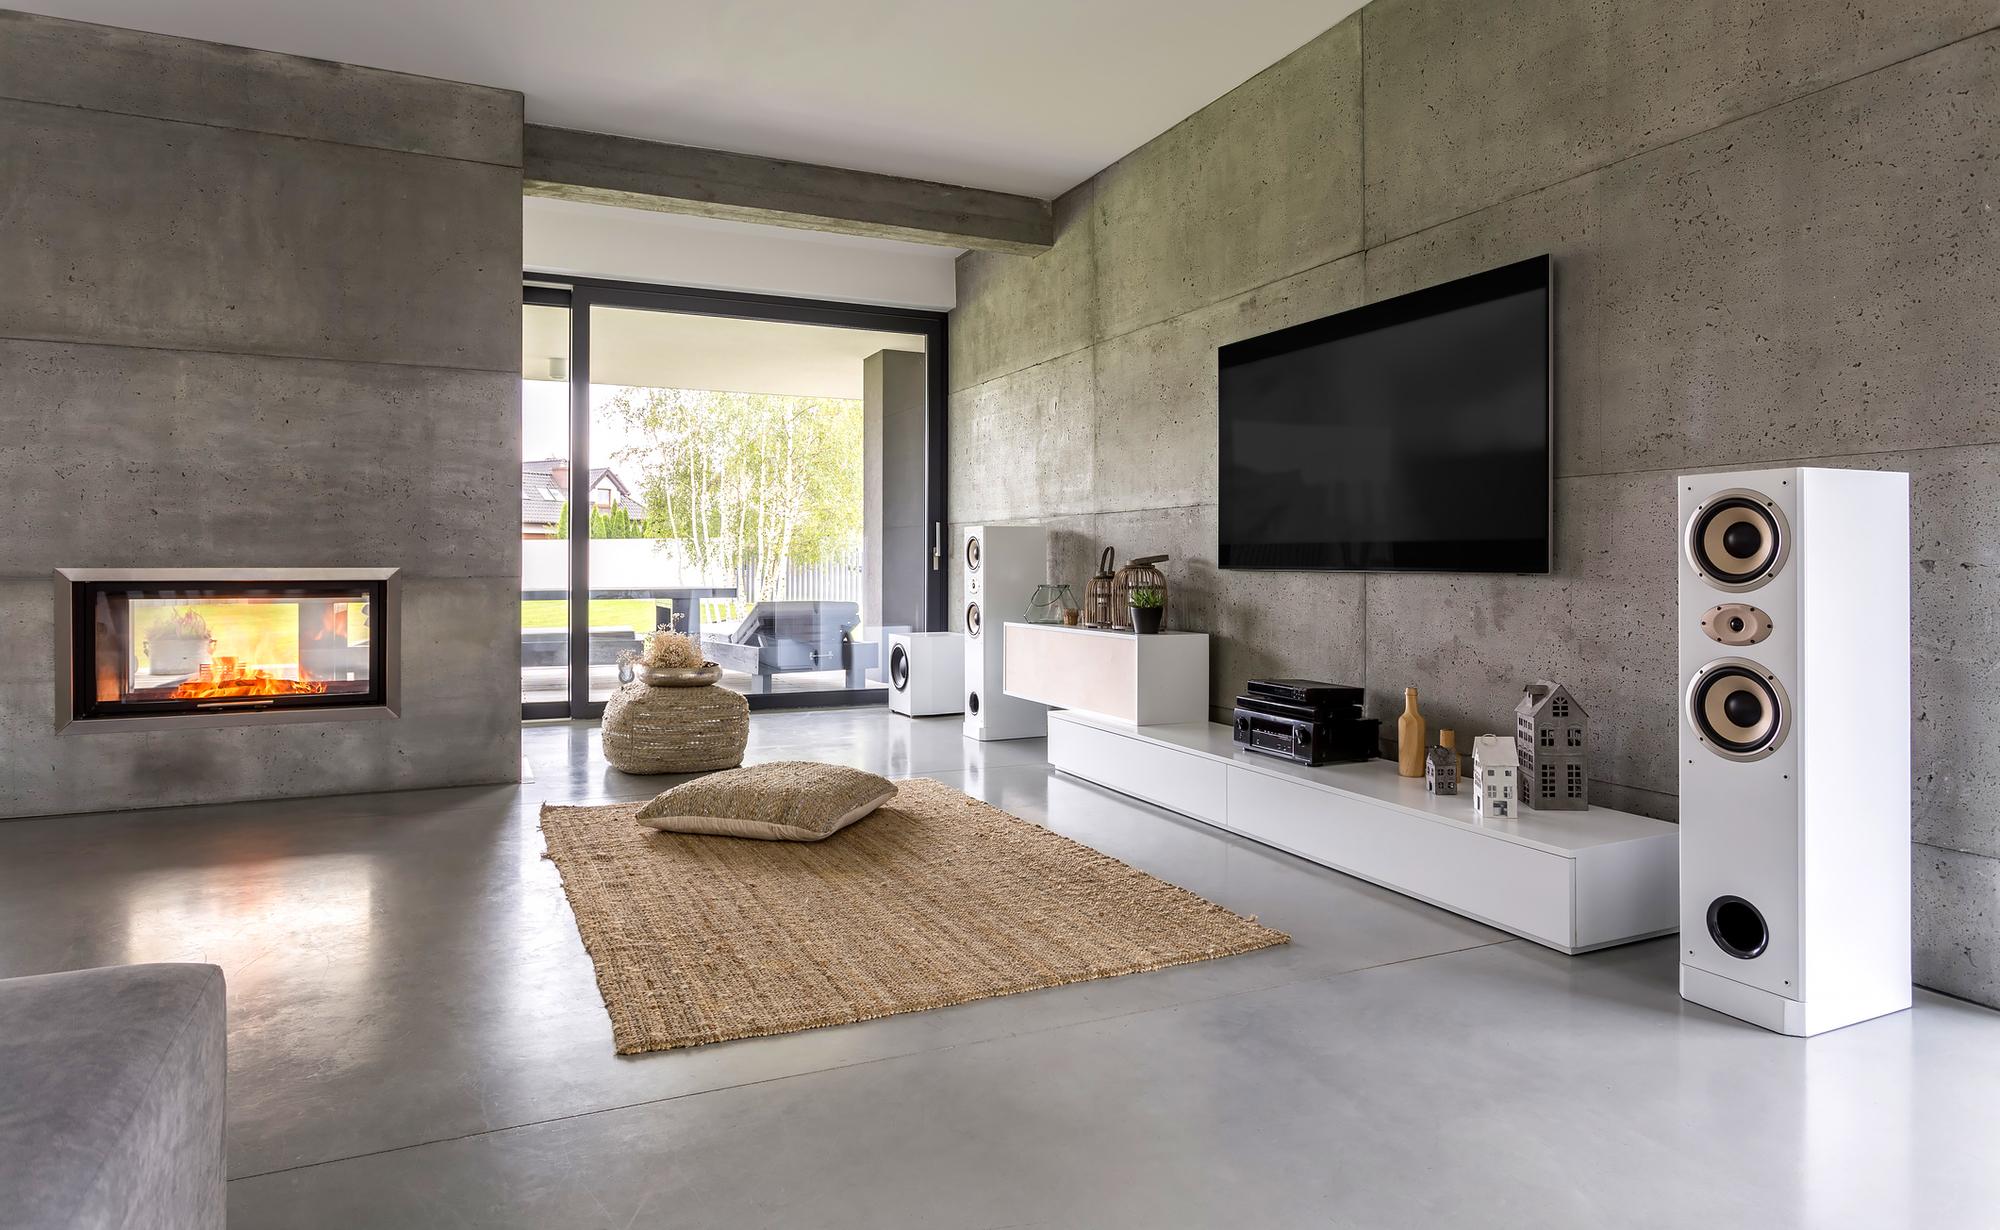 Betonlook in de woonkamer: stoer, eigentijds, ruig ...